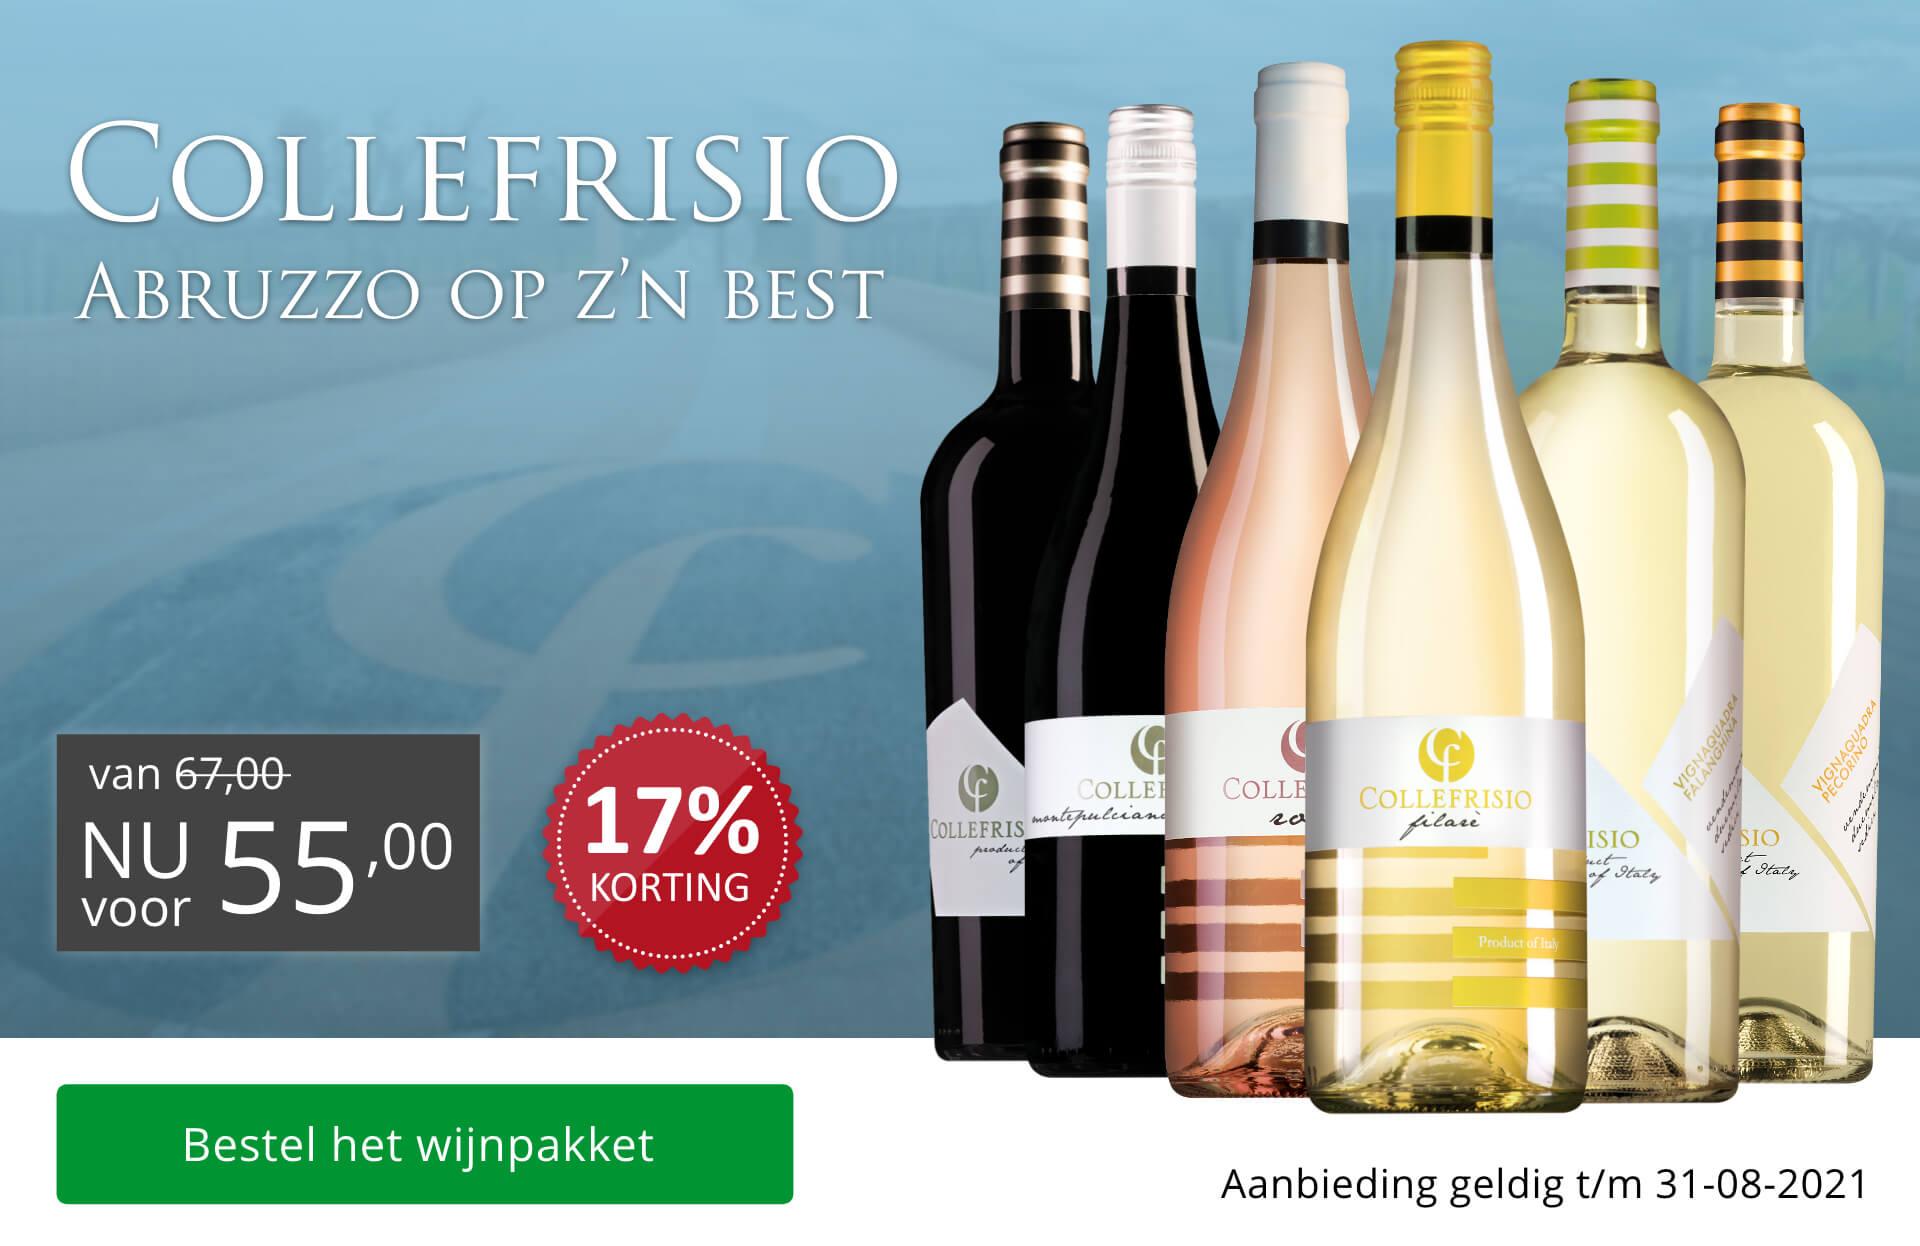 Wijnpakket Collefrisio - Abruzzo op zn best